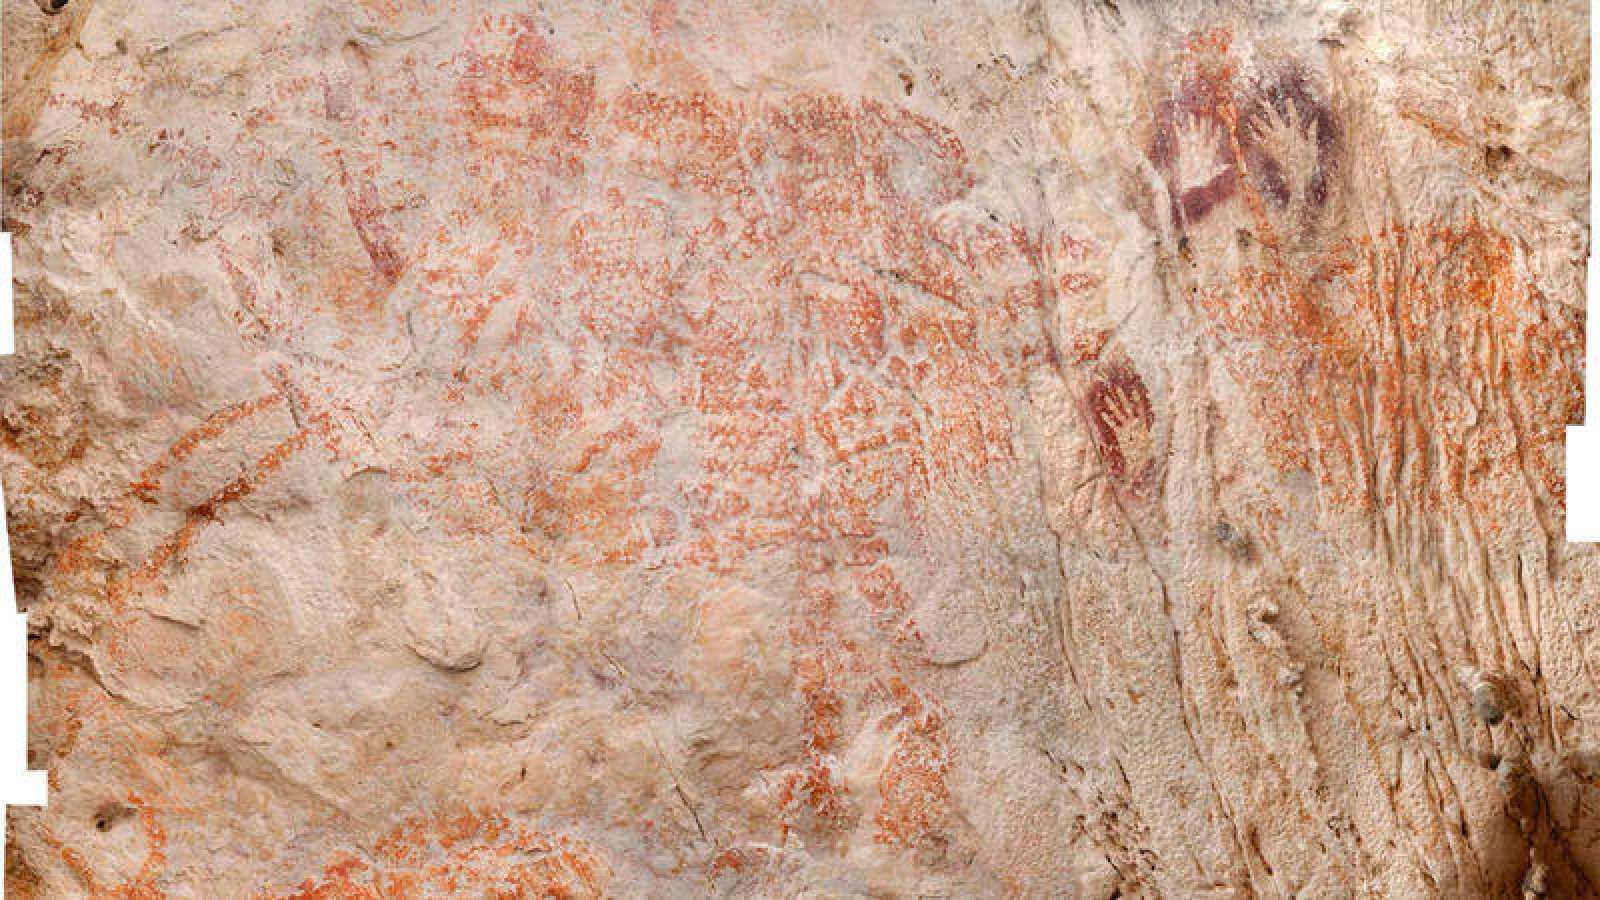 El bóvido aparece en tonos rojo anaranjados, pero los investigadores sospechan que los artistas habían usado el violeta